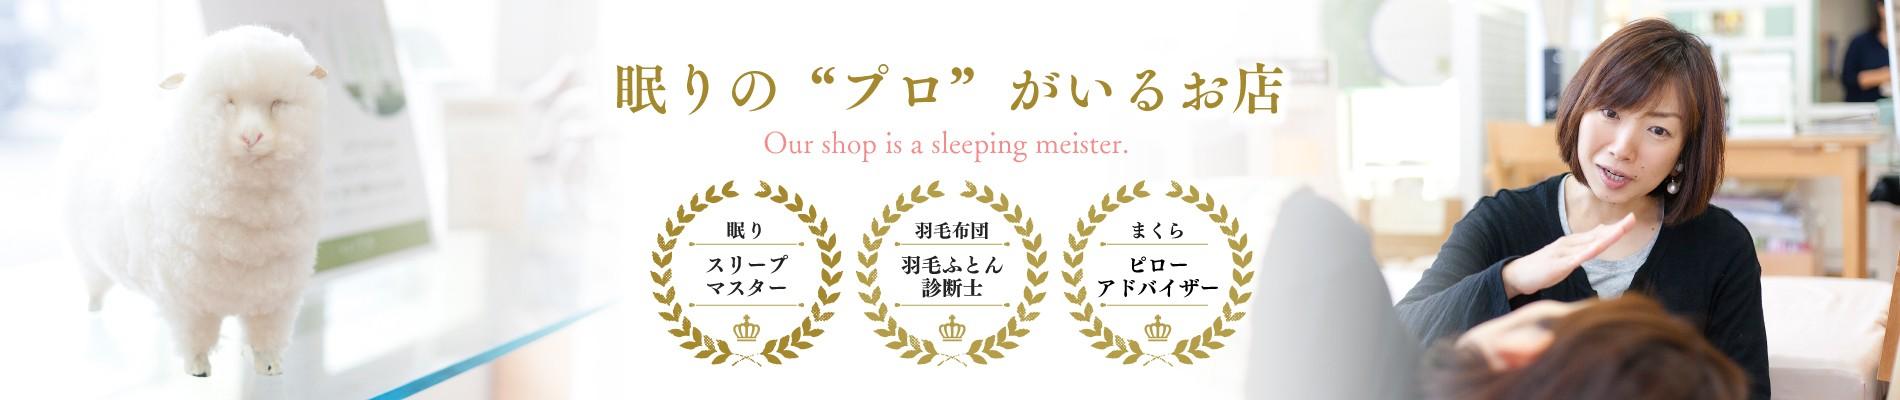 眠りマイスターがいるお店